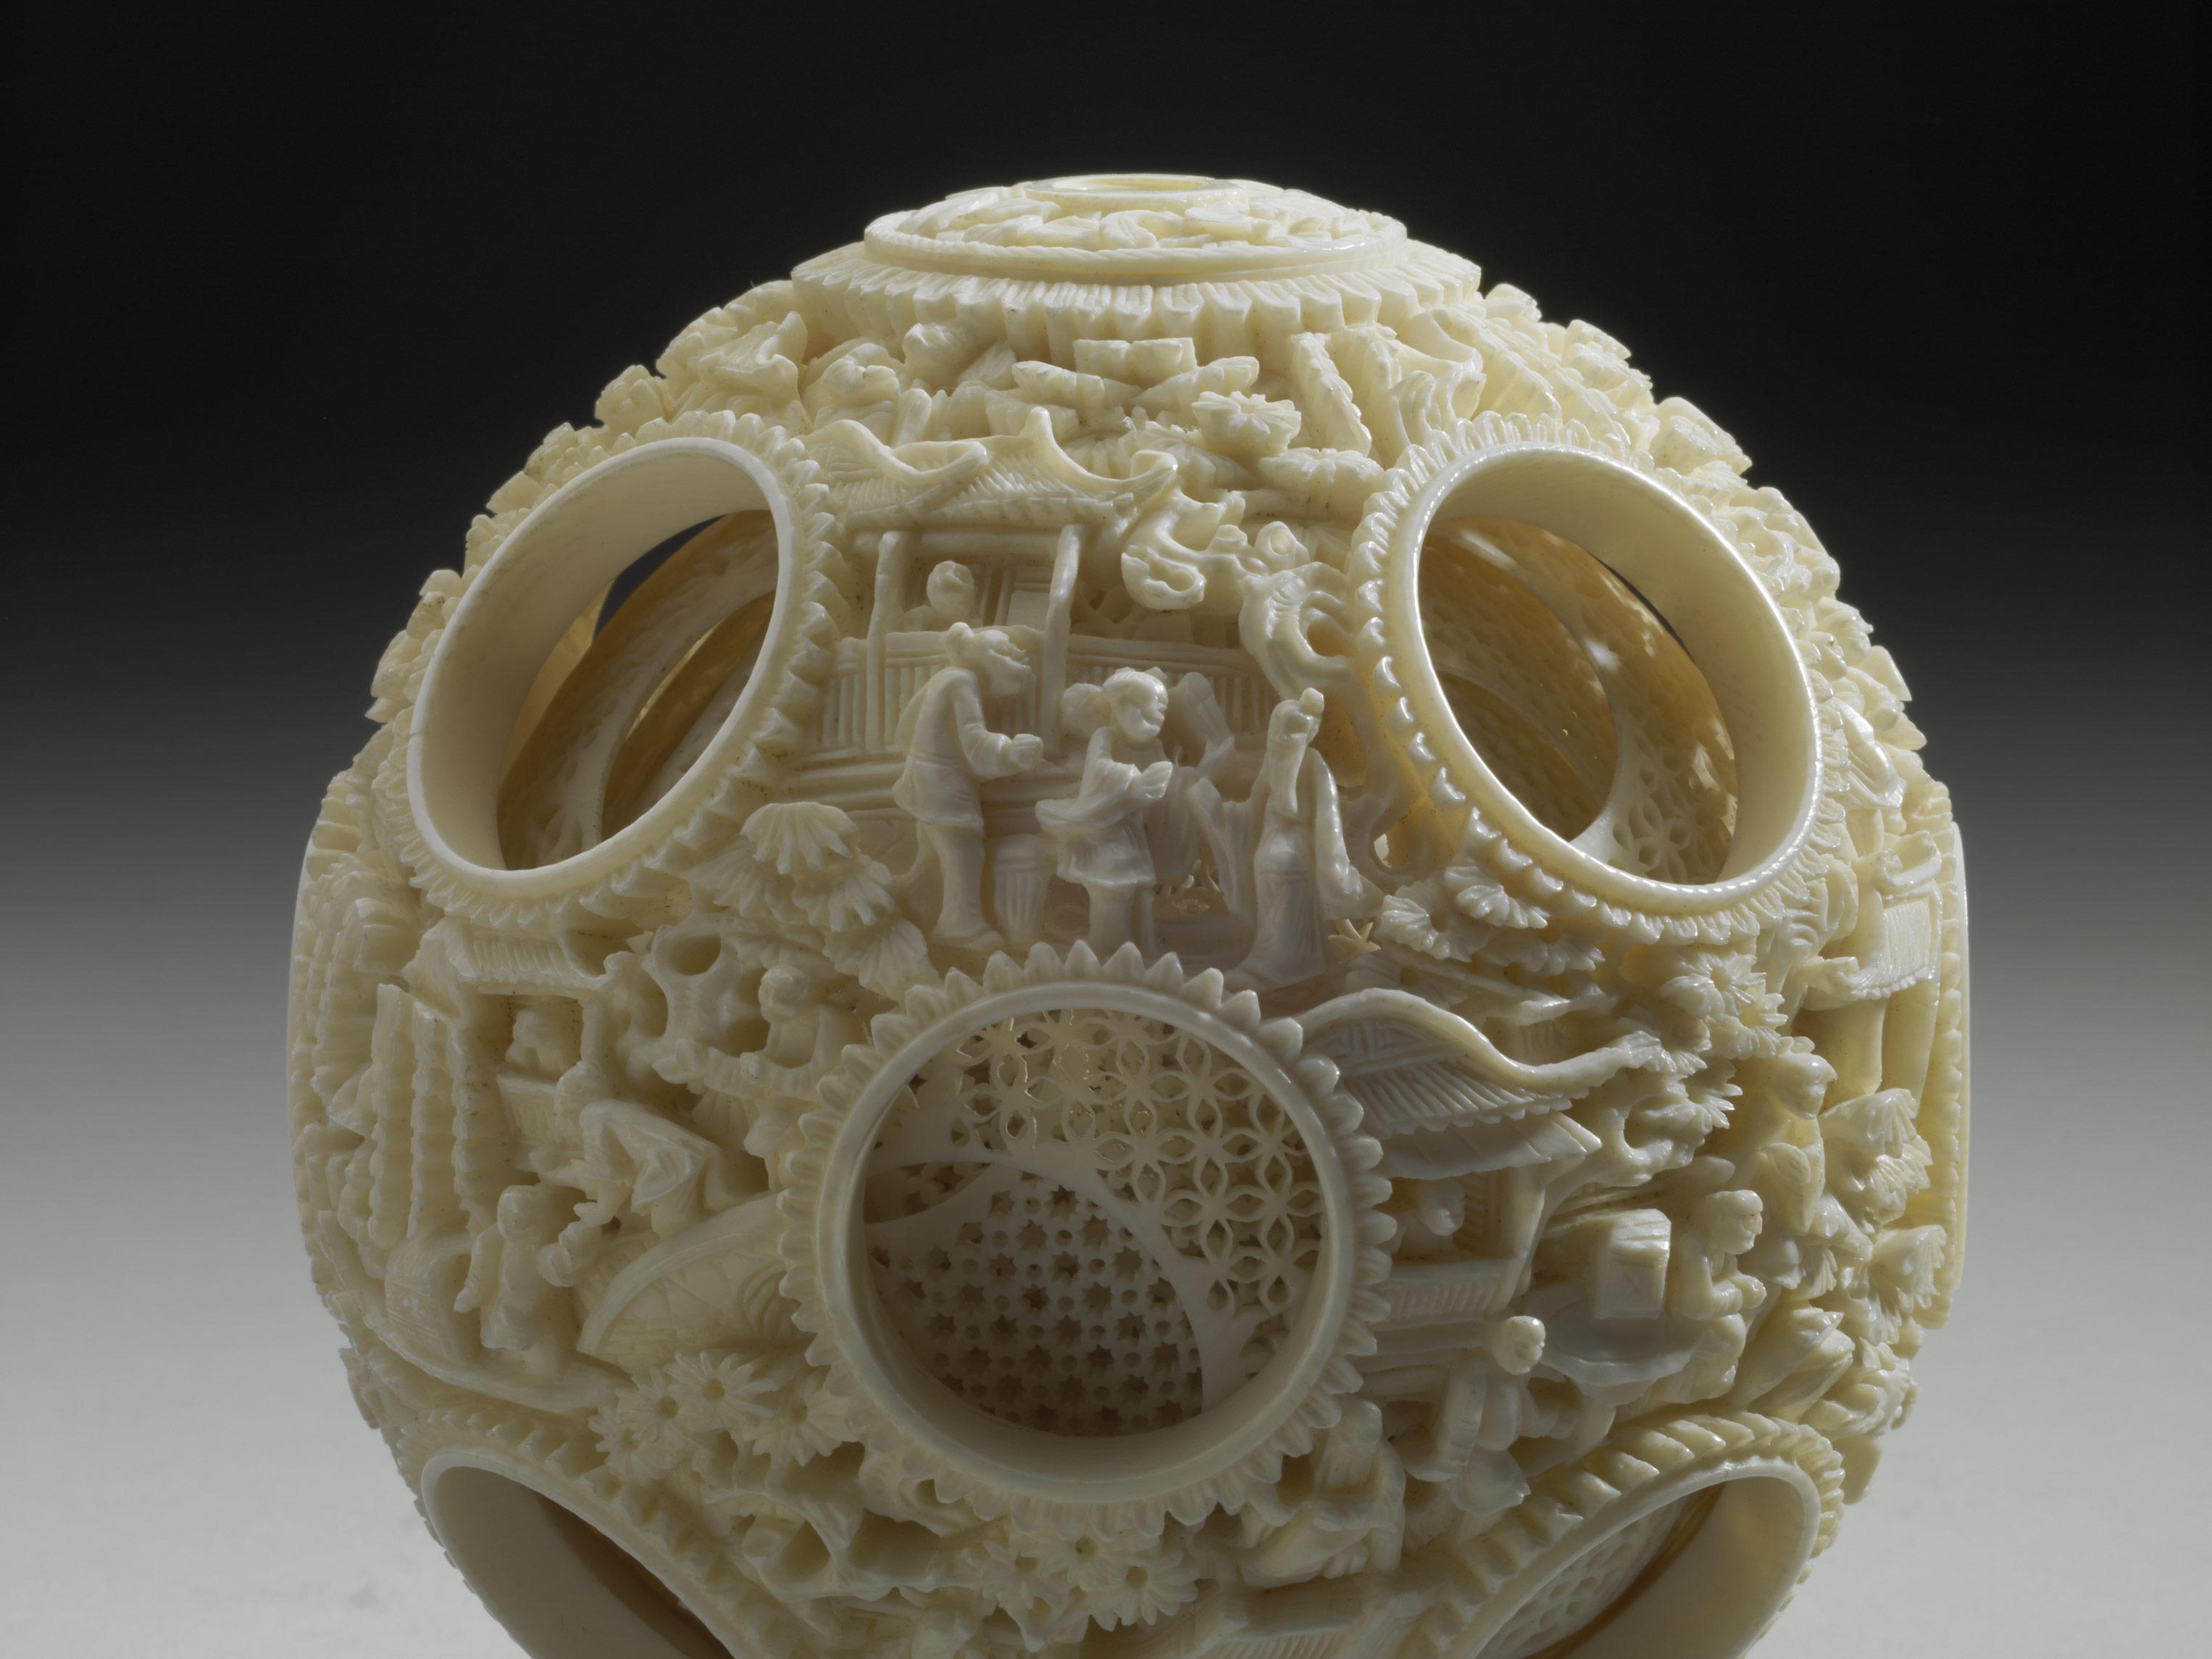 故宮博物館 象牙多層球